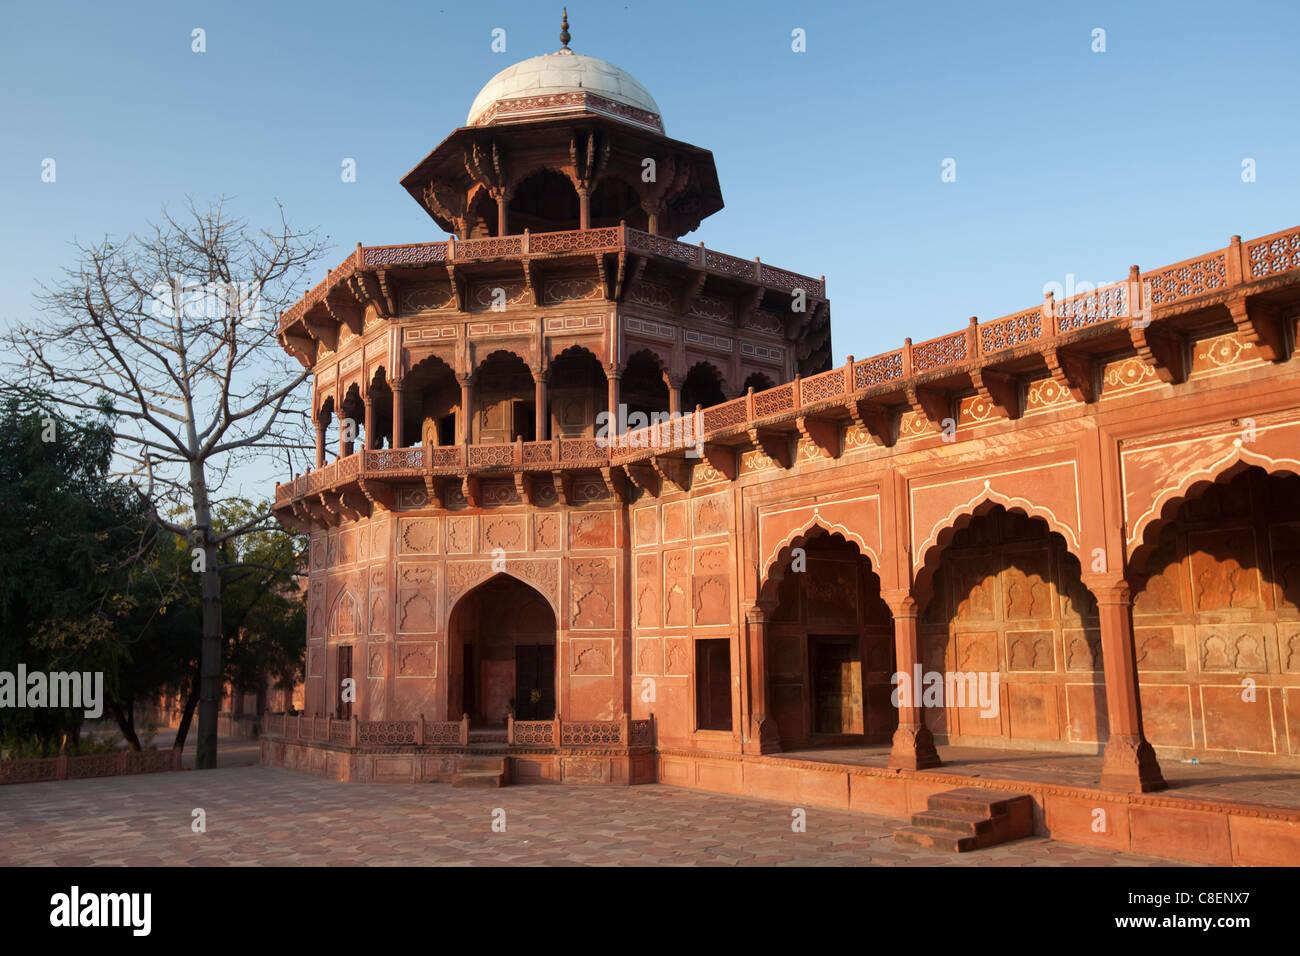 Der Taj Mahal Moschee roten Sandstein und weißen Marmor Kuppel in der Morgendämmerung, Uttar Pradesh, Stockbild